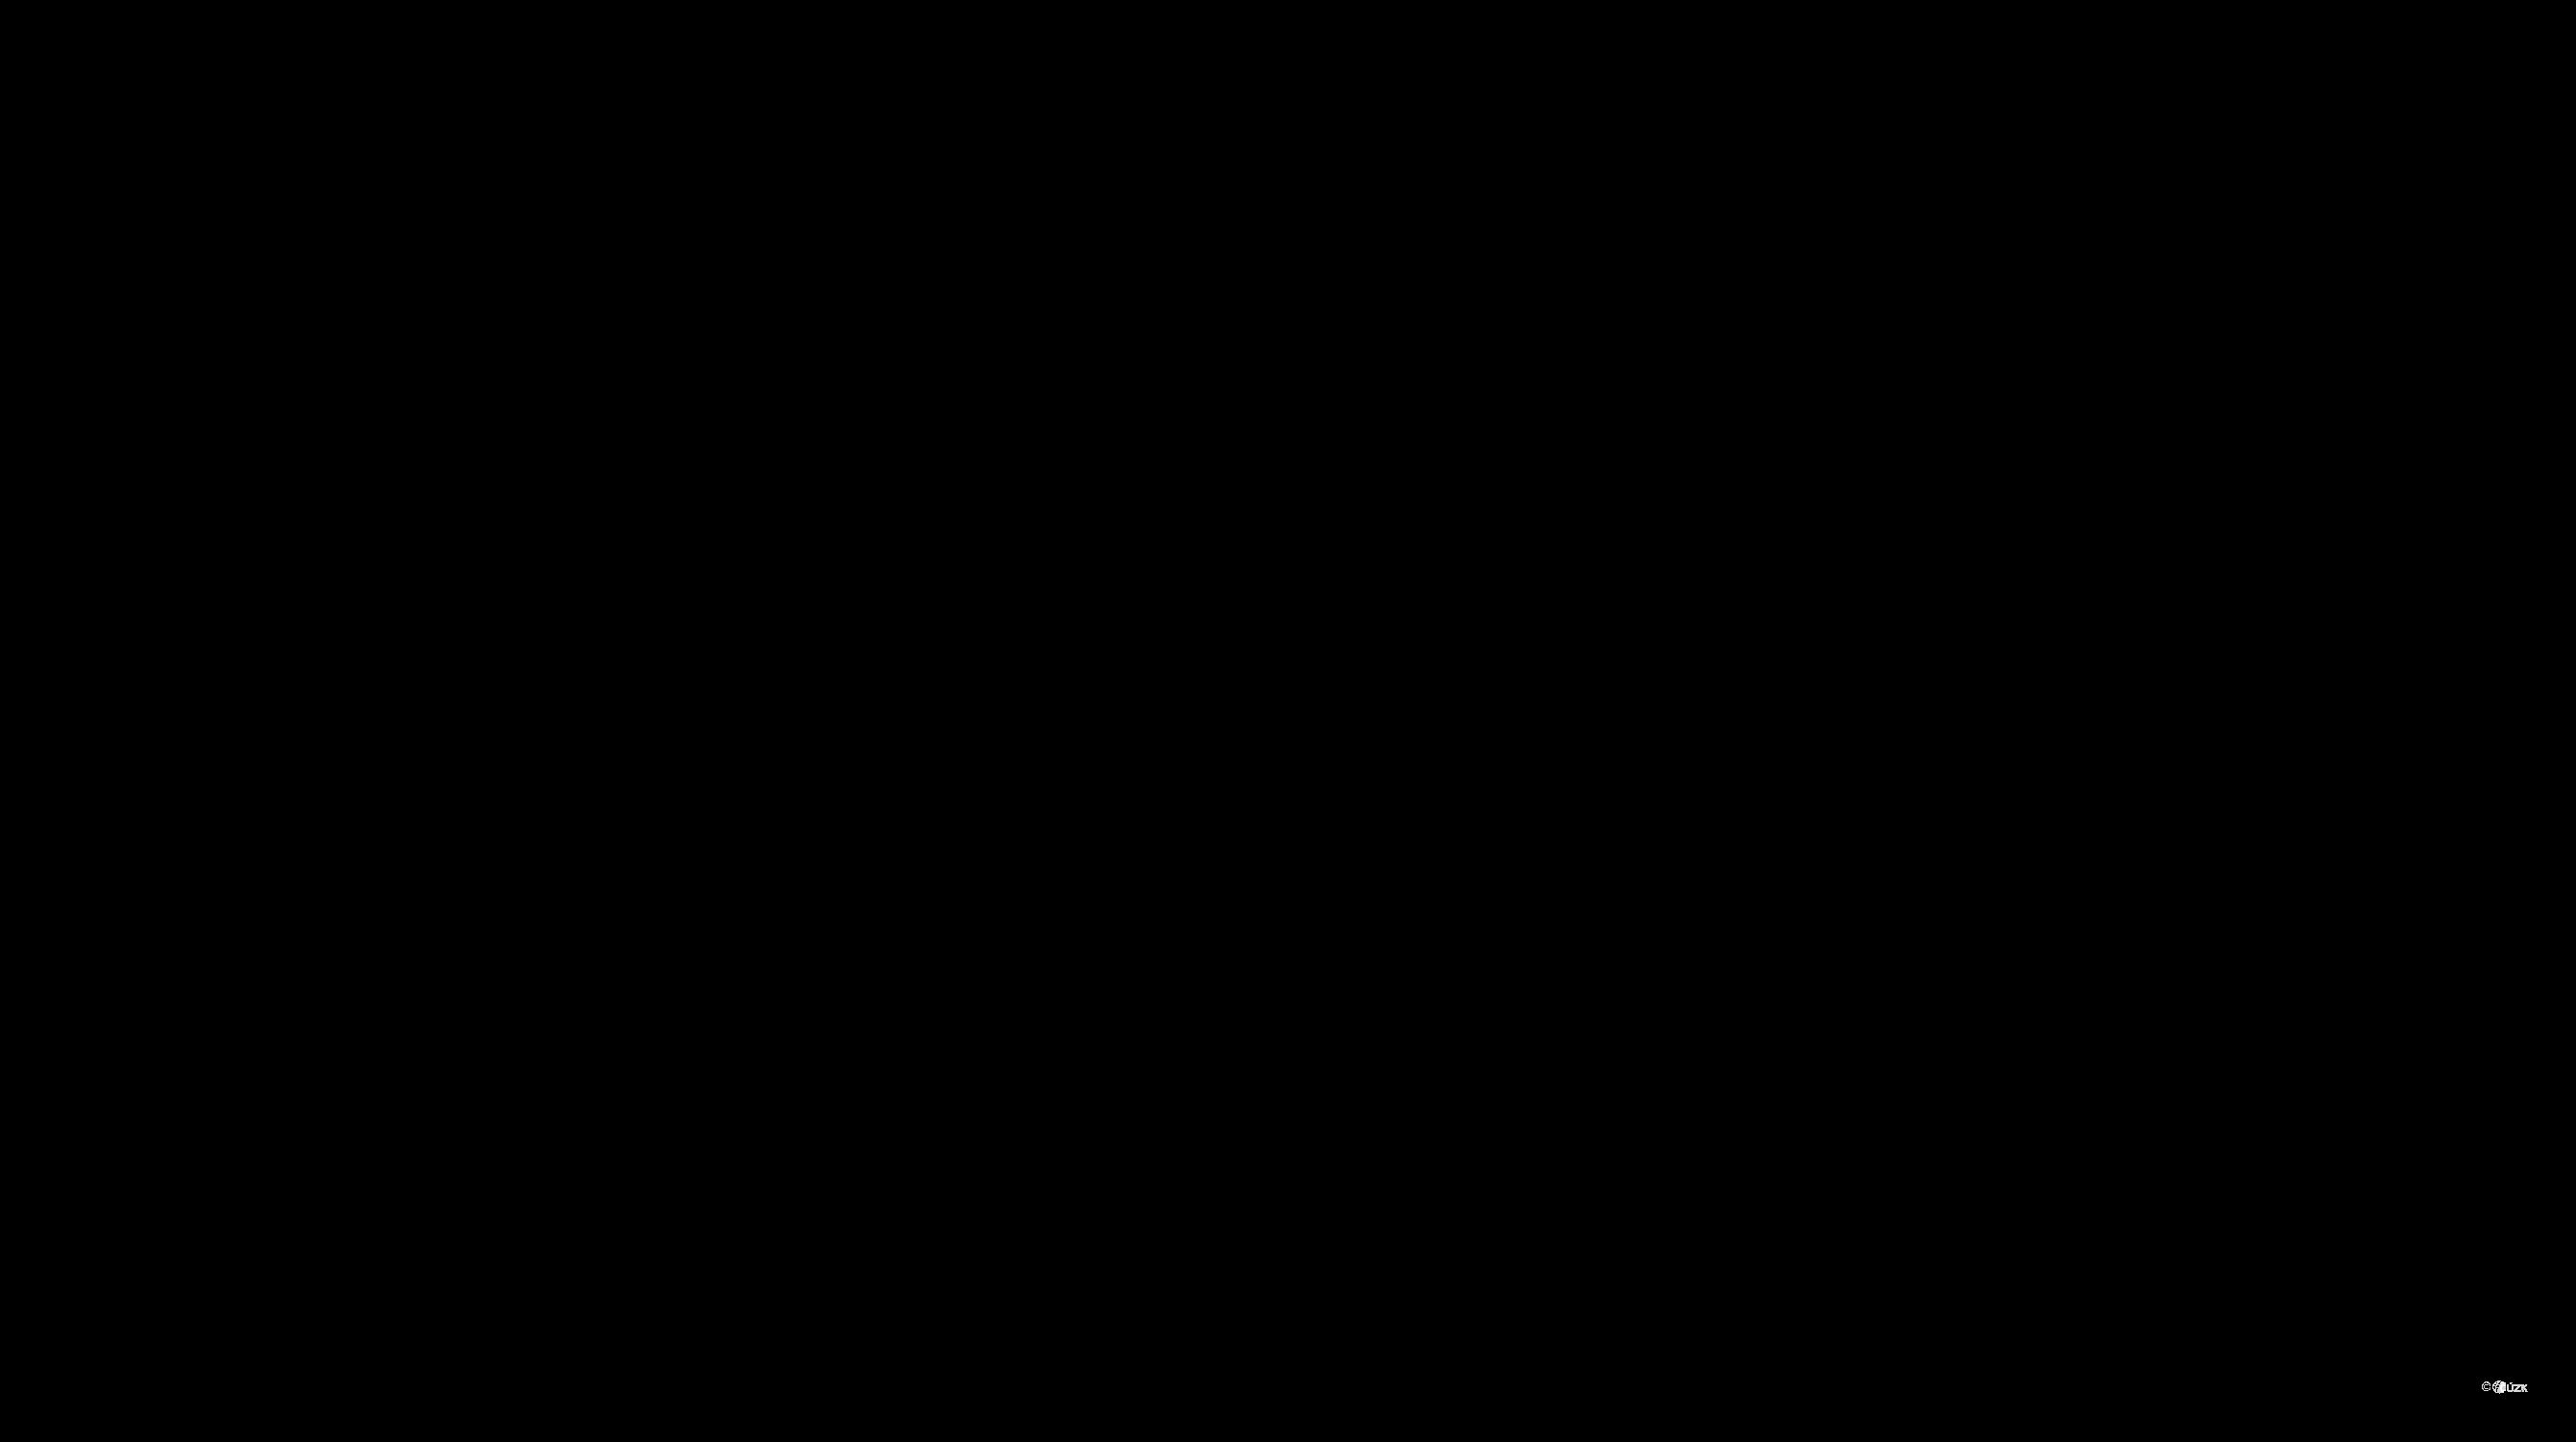 Katastrální mapa pozemků a čísla parcel Luka nad Jihlavou